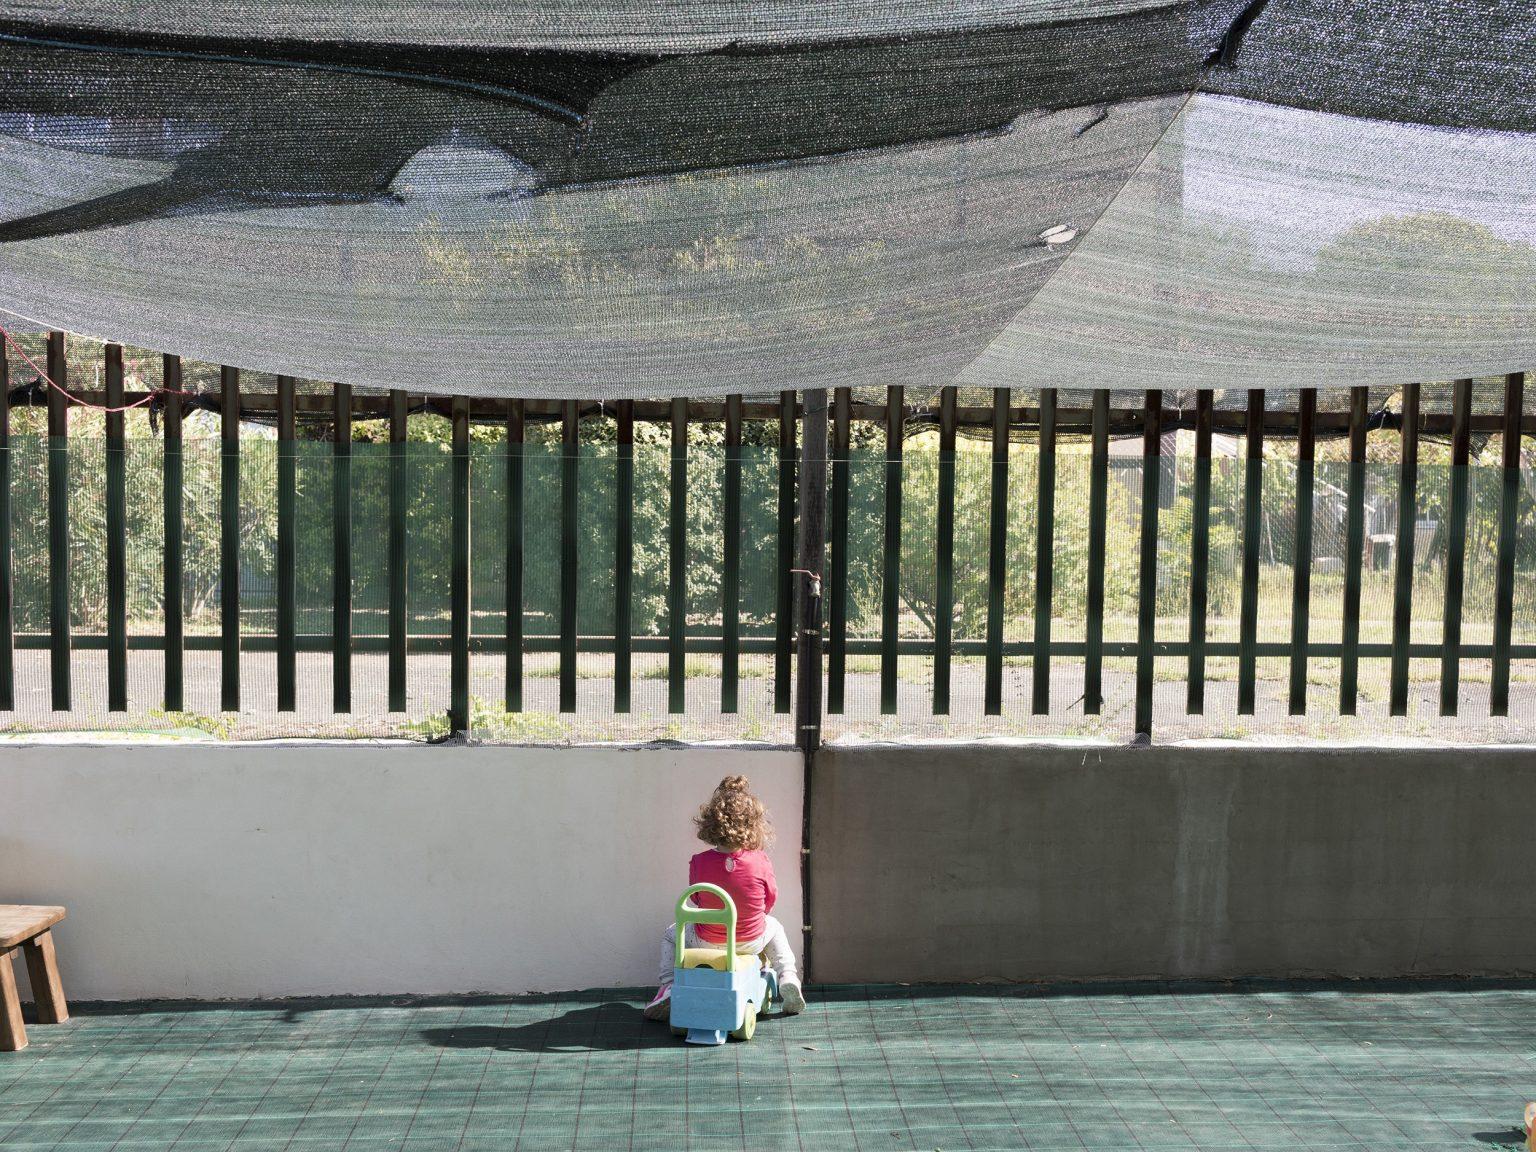 Un asilo nido nella periferia di Roma.  A nursery school on the outskirts of Rome.